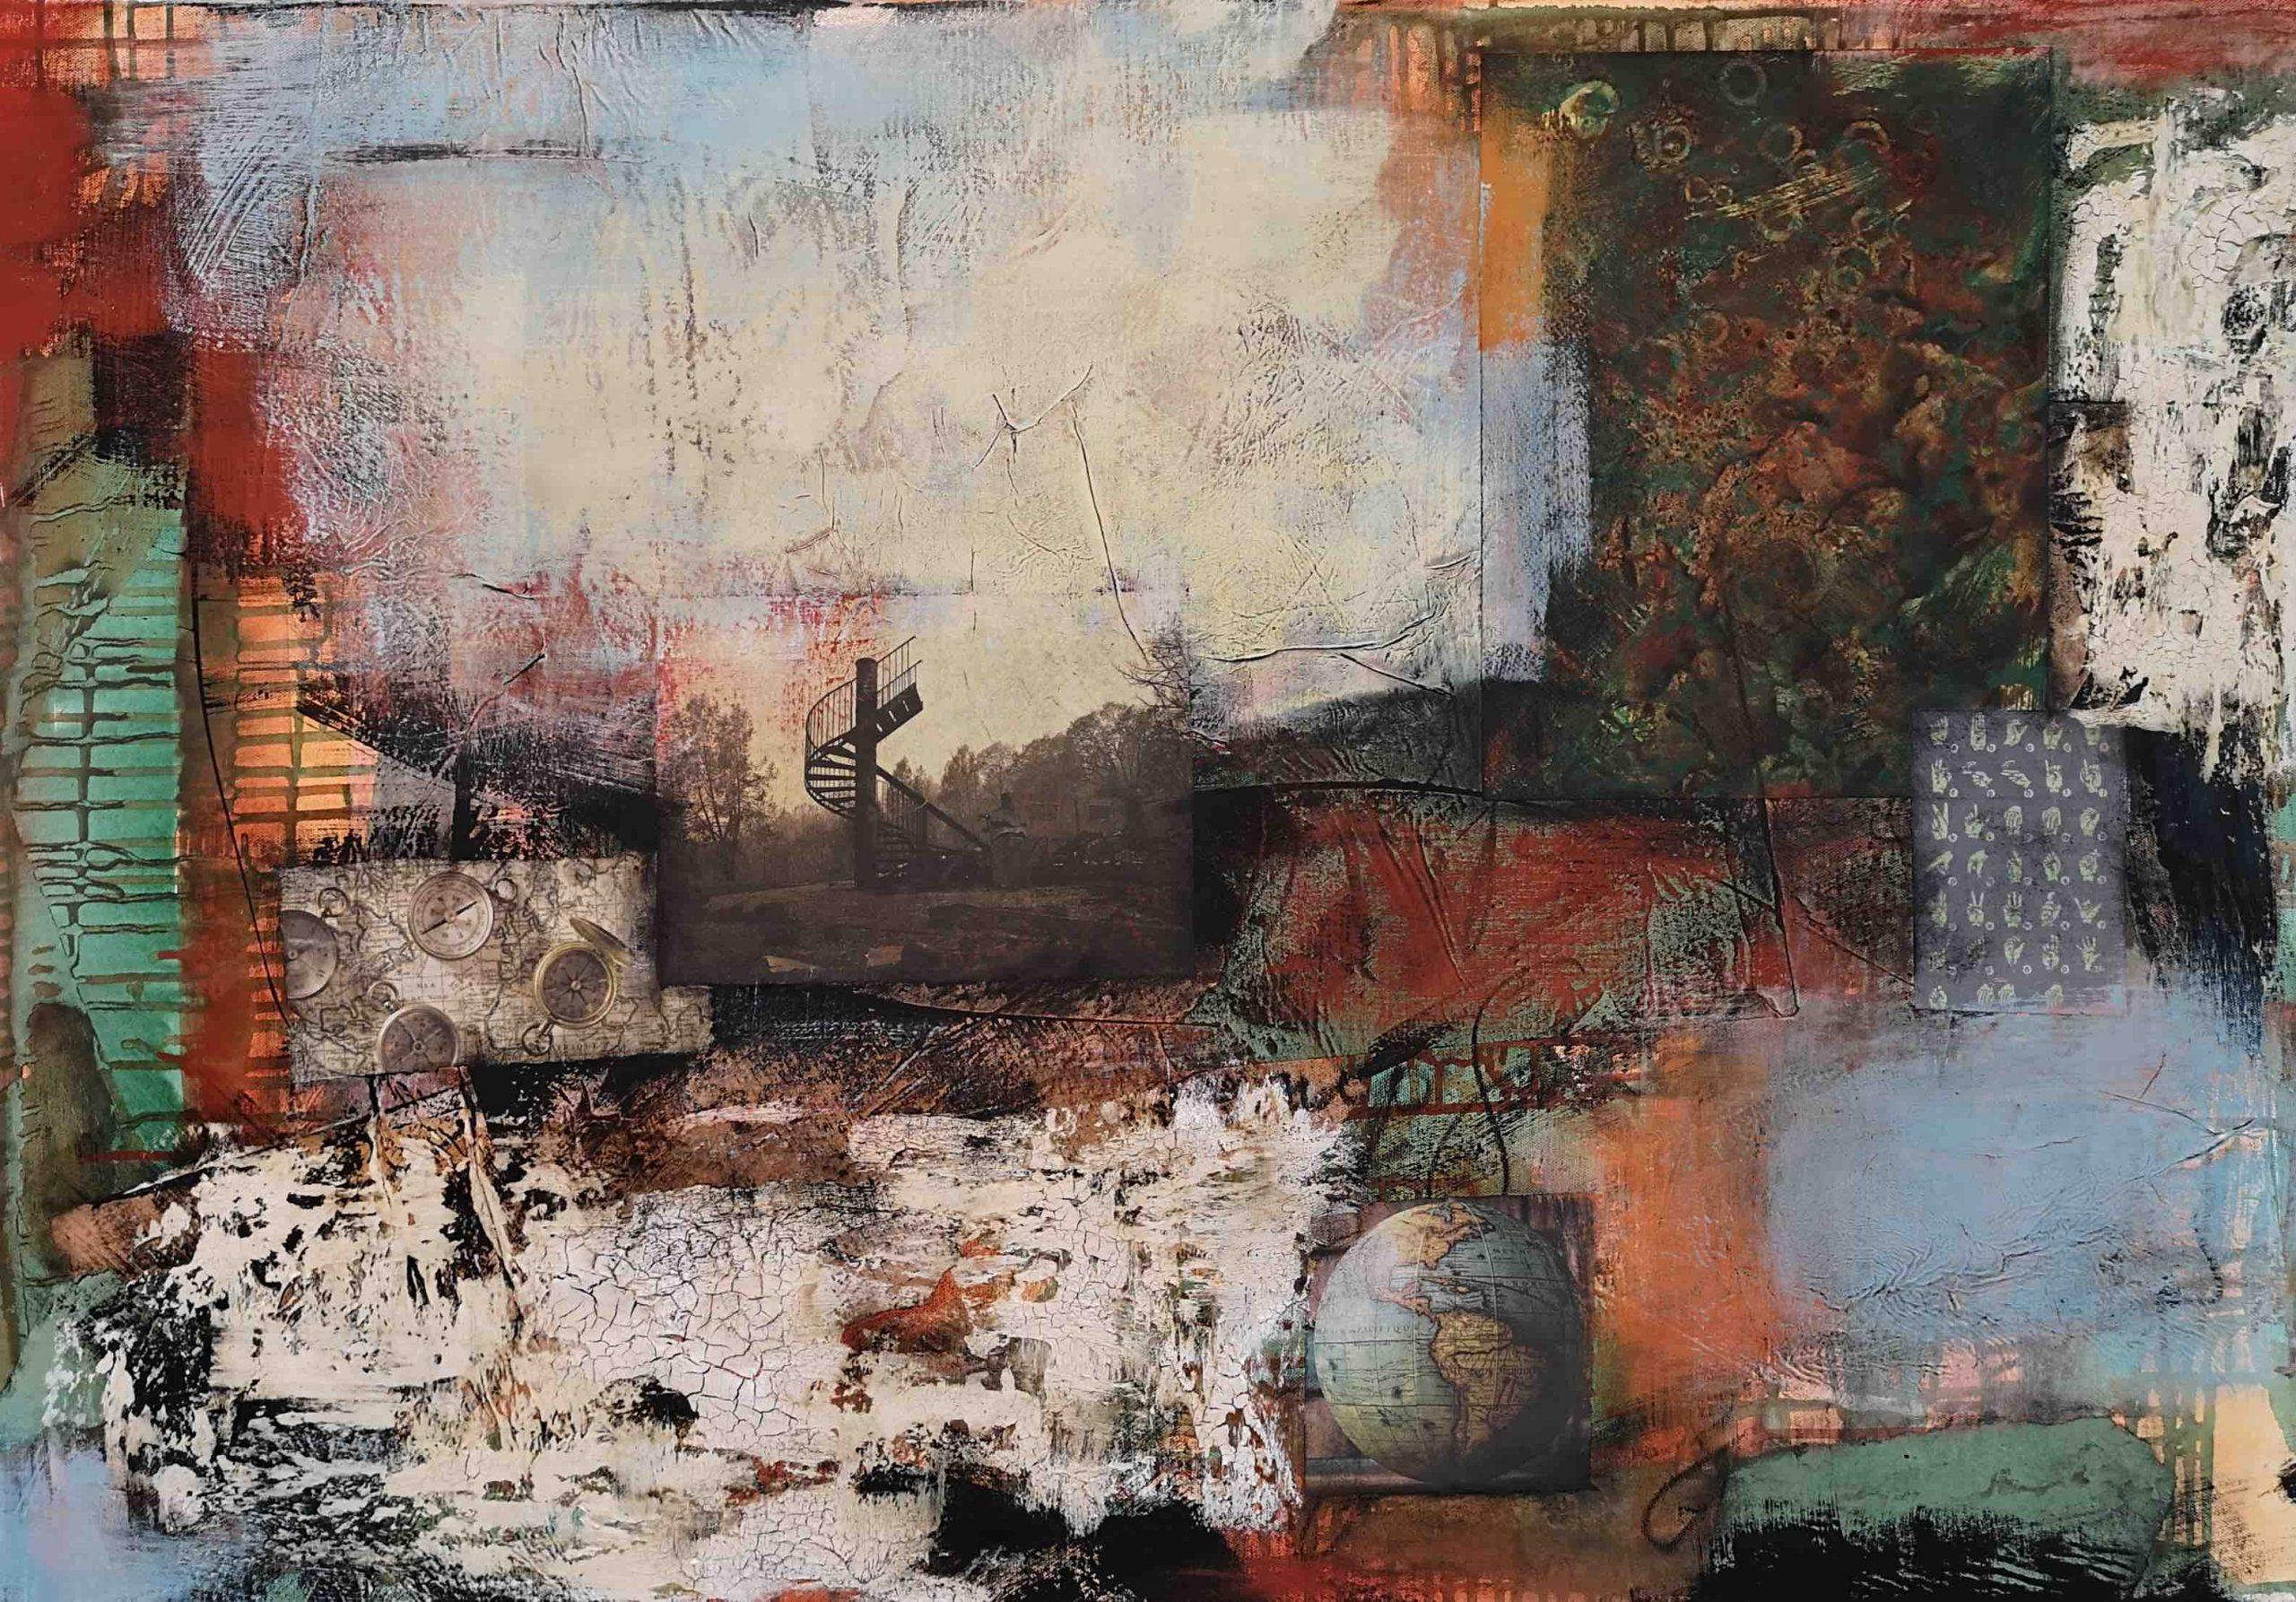 Collage, Mischtechnik, Abstrakt, Acrylbild, Strukturbild, Komposition